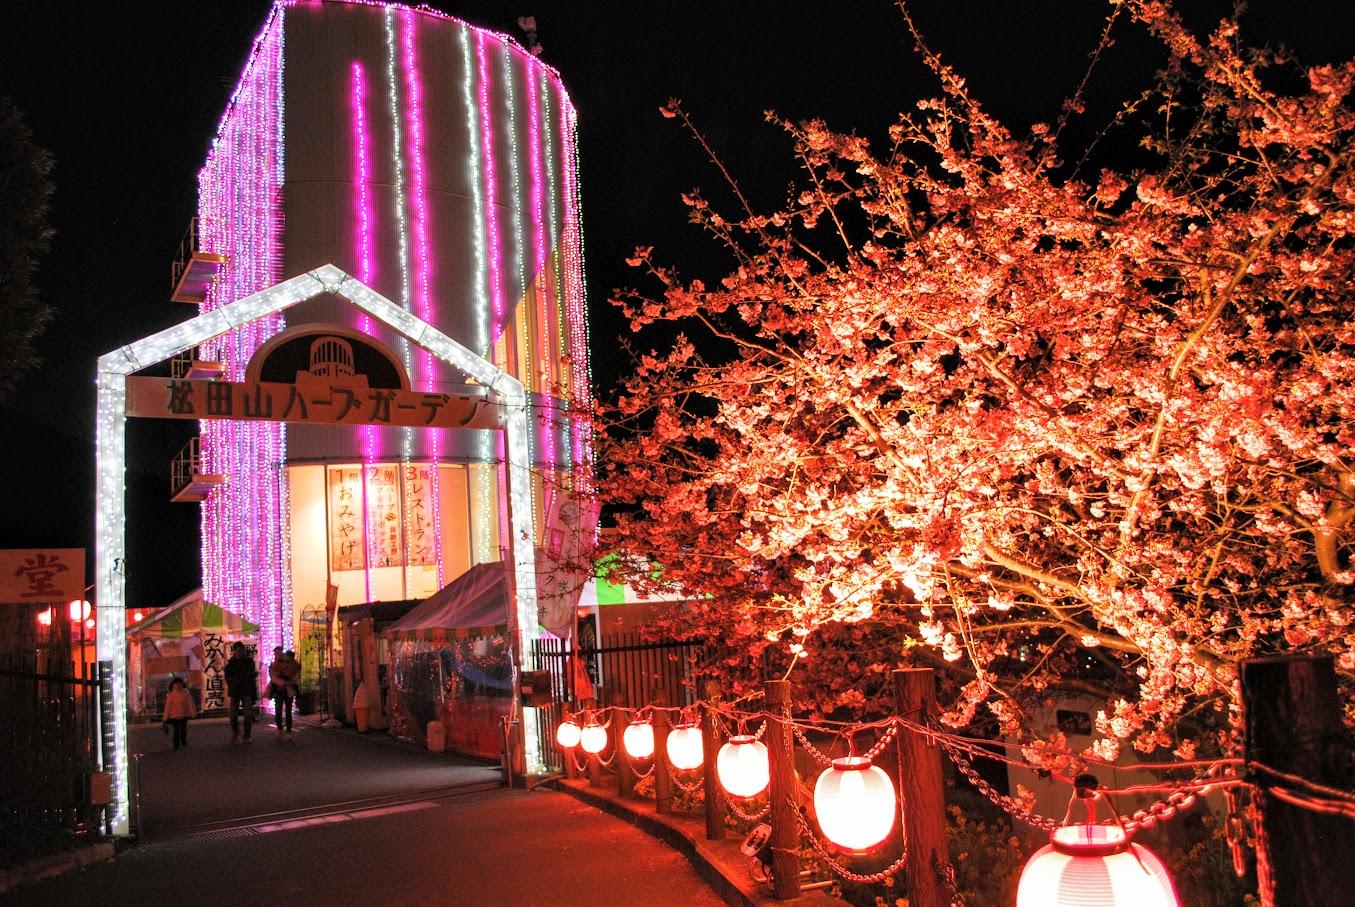 夜桜と絶景のコラボレーションを楽しもう!『まつだ桜まつり』のライトアップ。2016年2月19日より開始です!